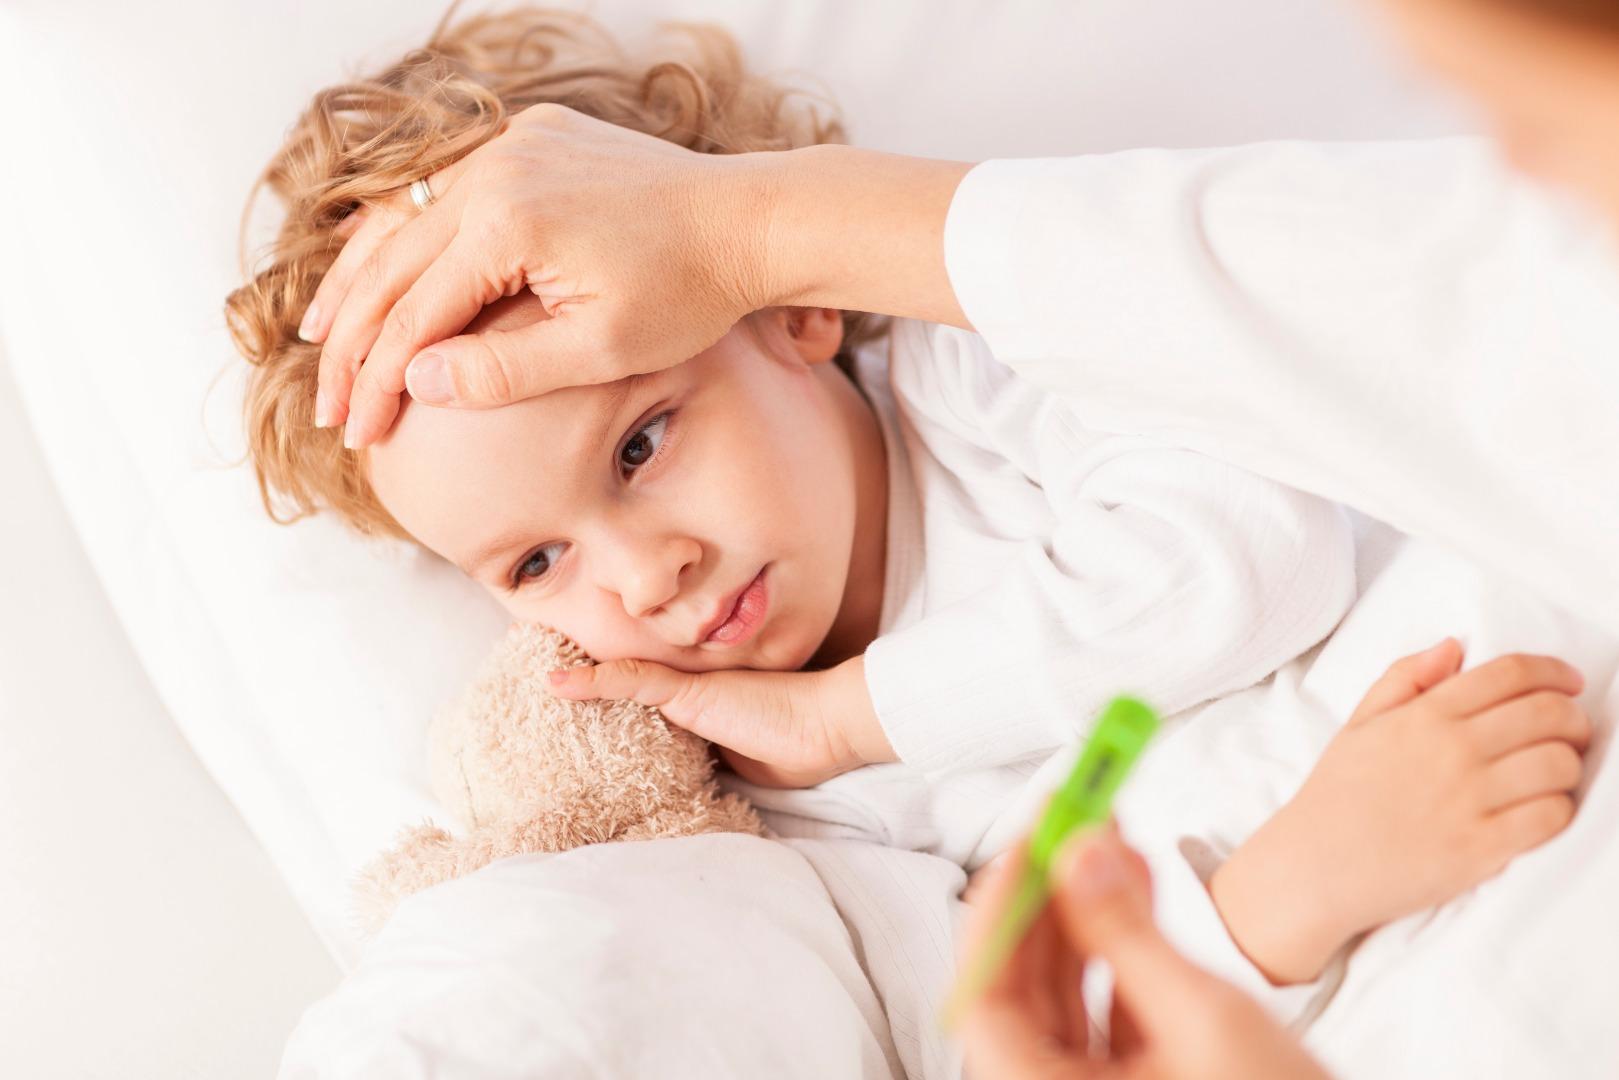 Как укрепить детский иммунитет: 3 главных ошибки родителей